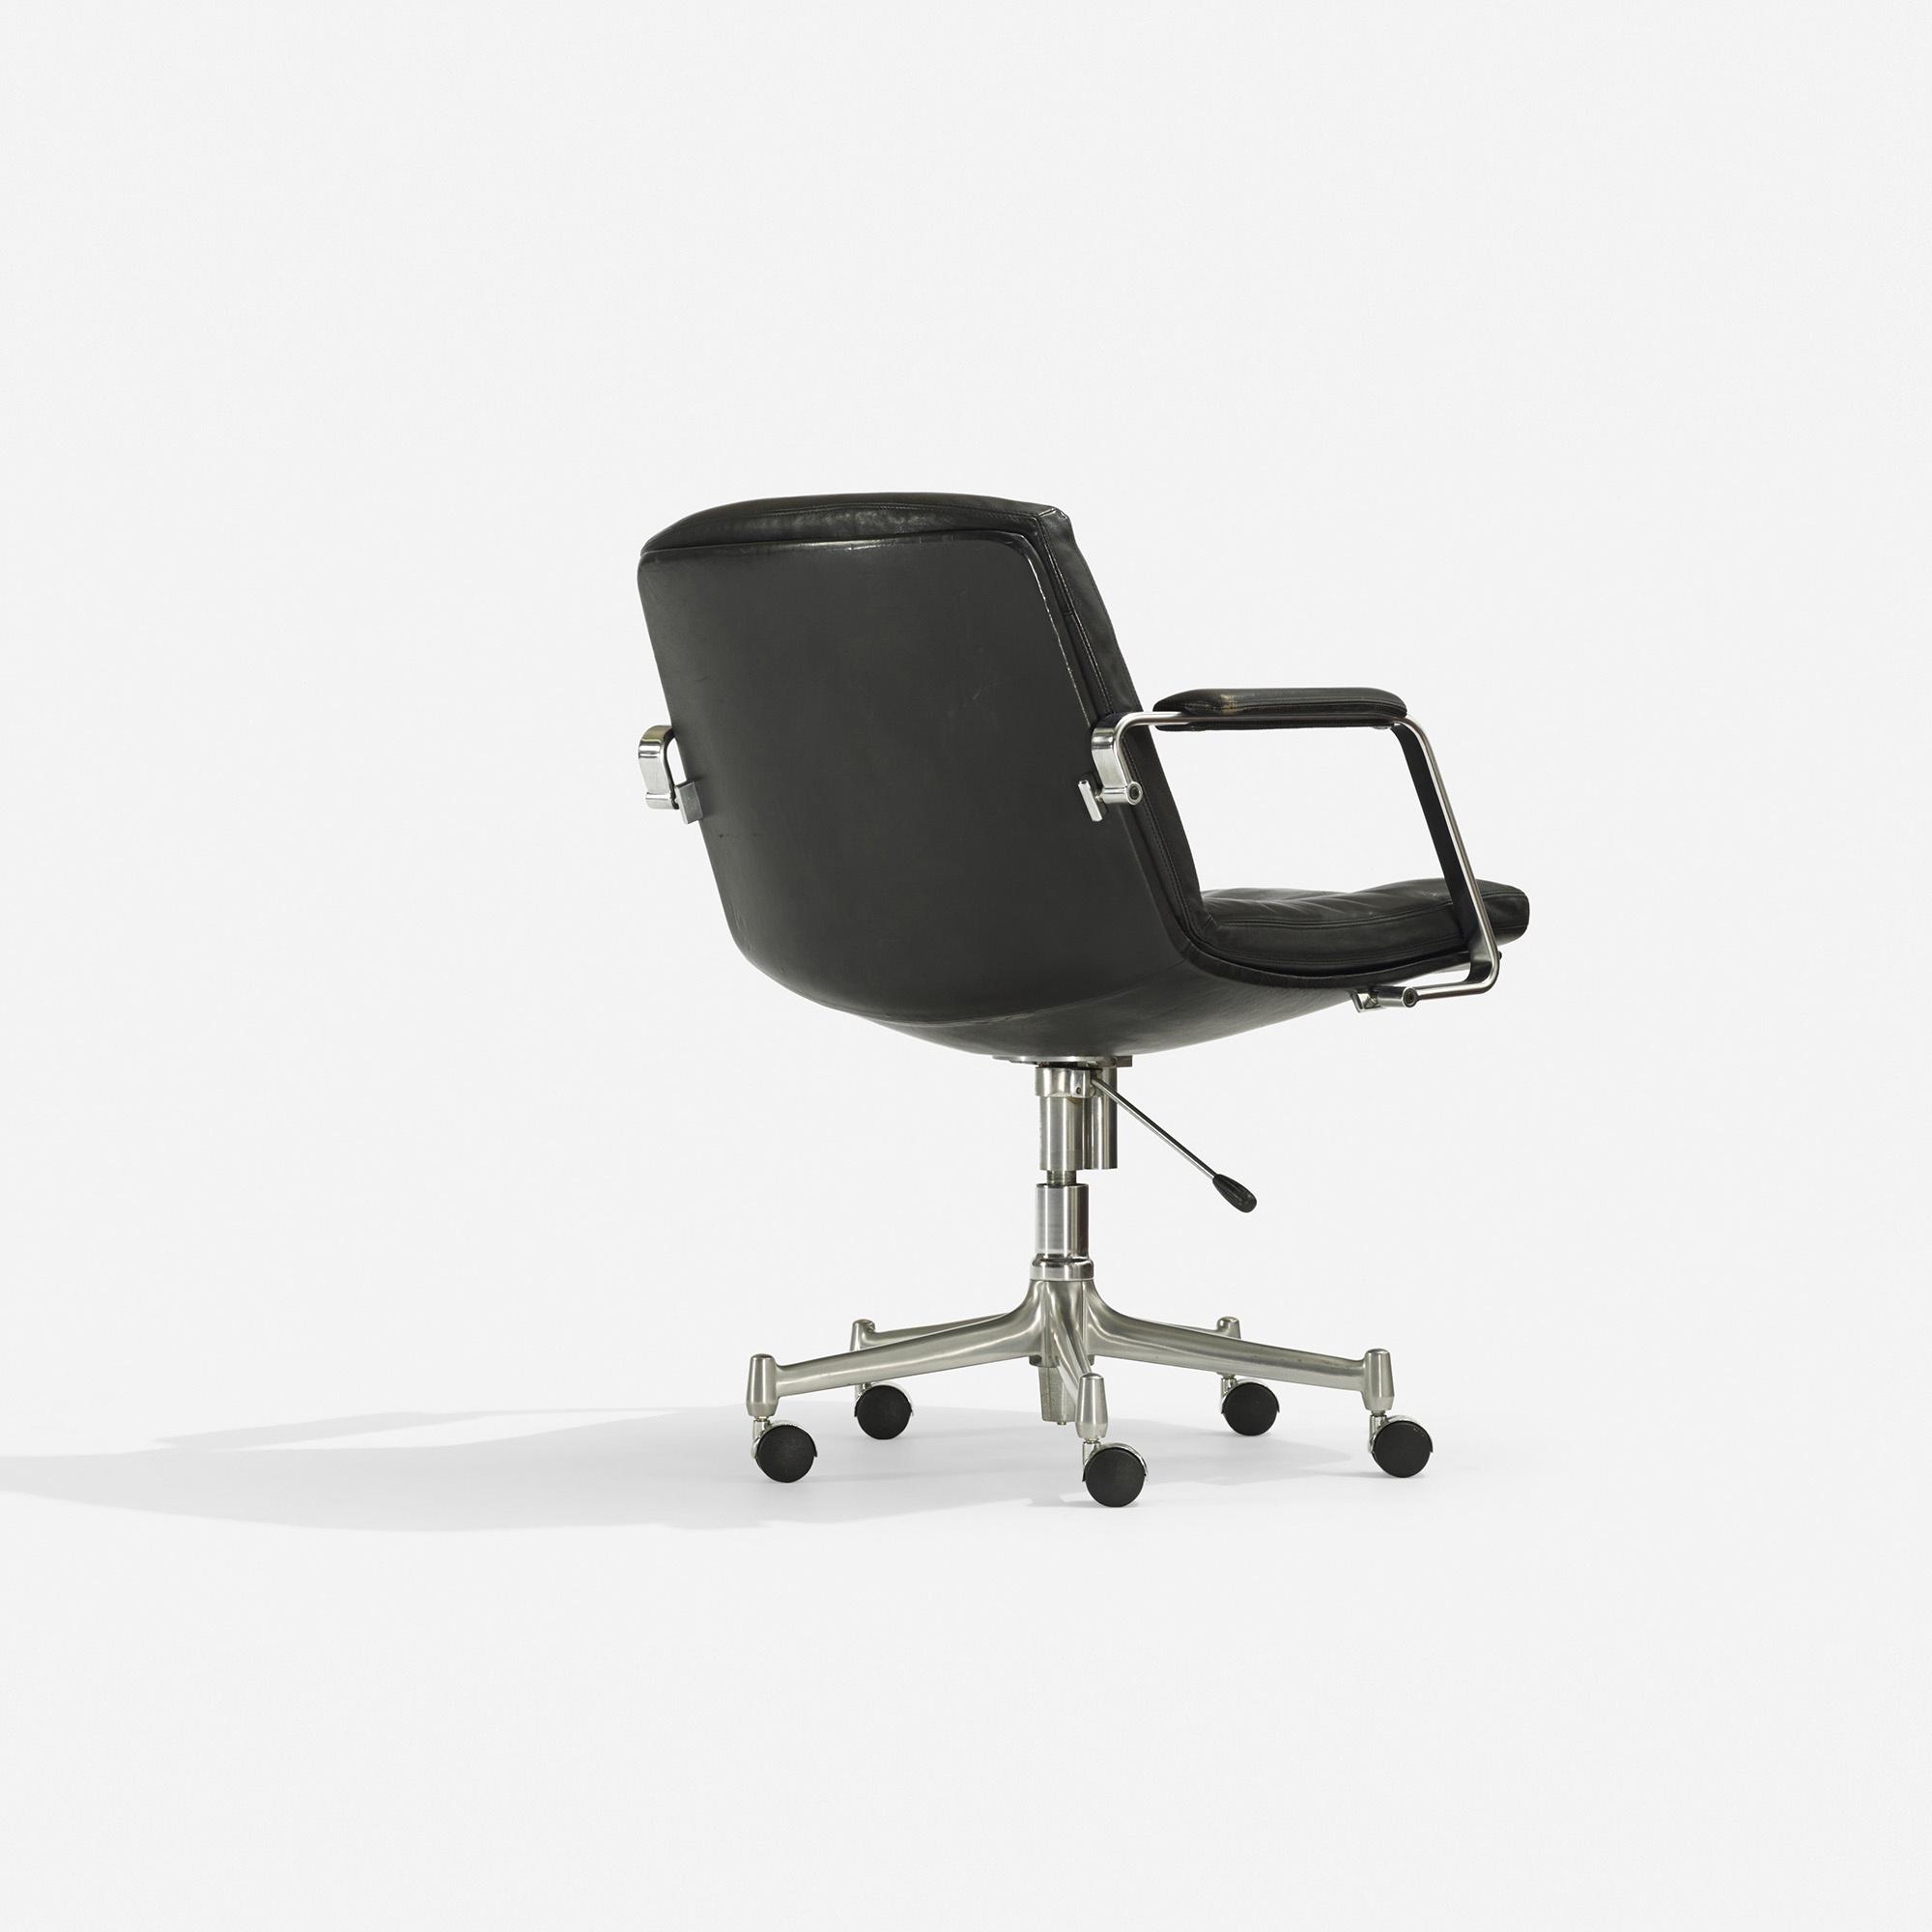 404 Preben Fabricius And Jørgen Kastholm Desk Chair 2 Of 4